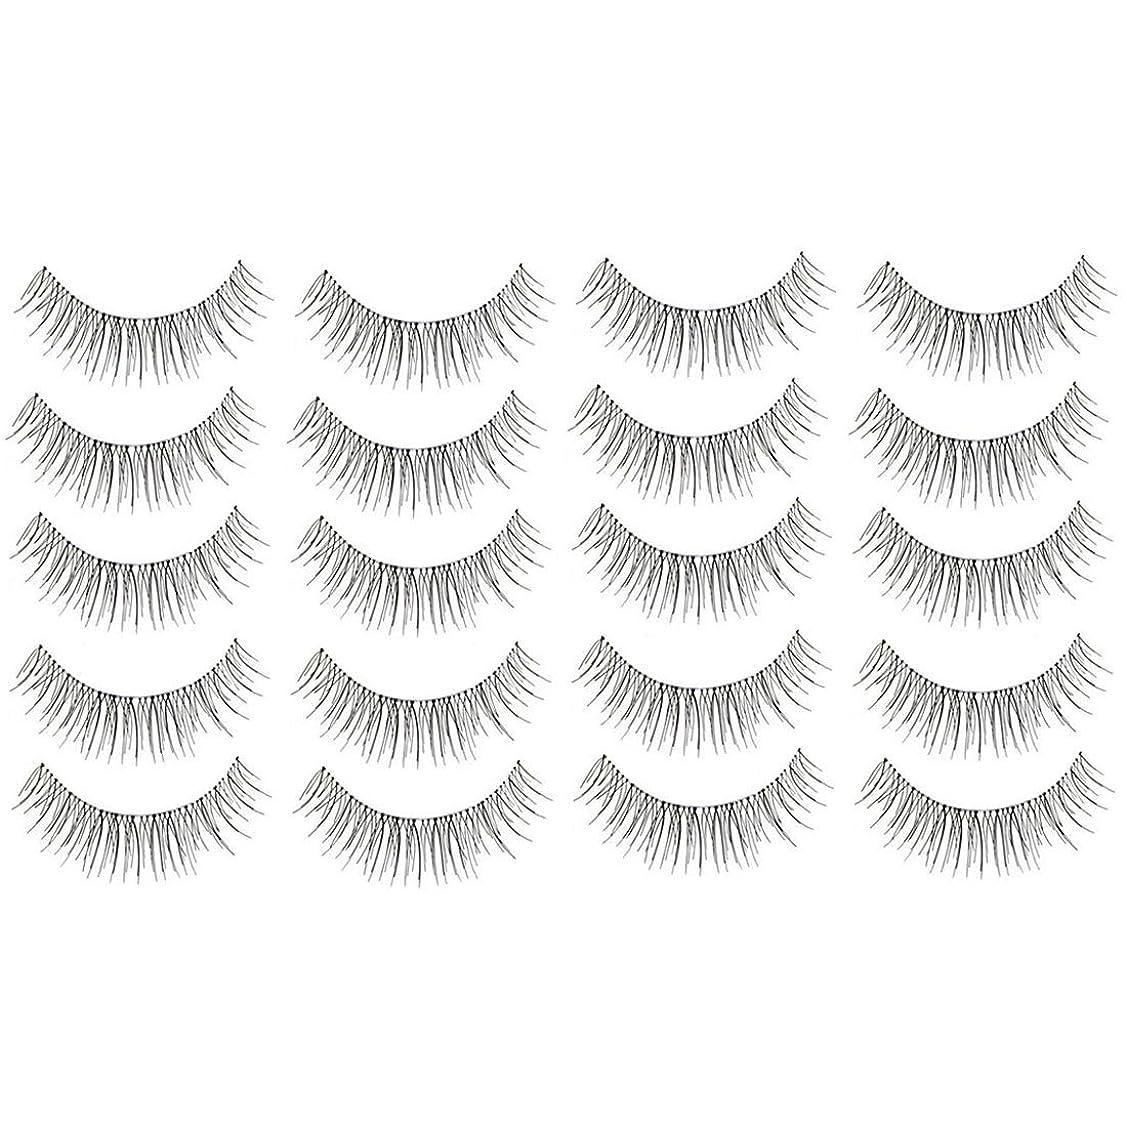 一族バーマド移住する美容アクセサリー 10組216クロスクリスタル透明なステムナチュラルメイクアップラッシュチャーミングなロングシックブラックスティック 写真美容アクセサリー